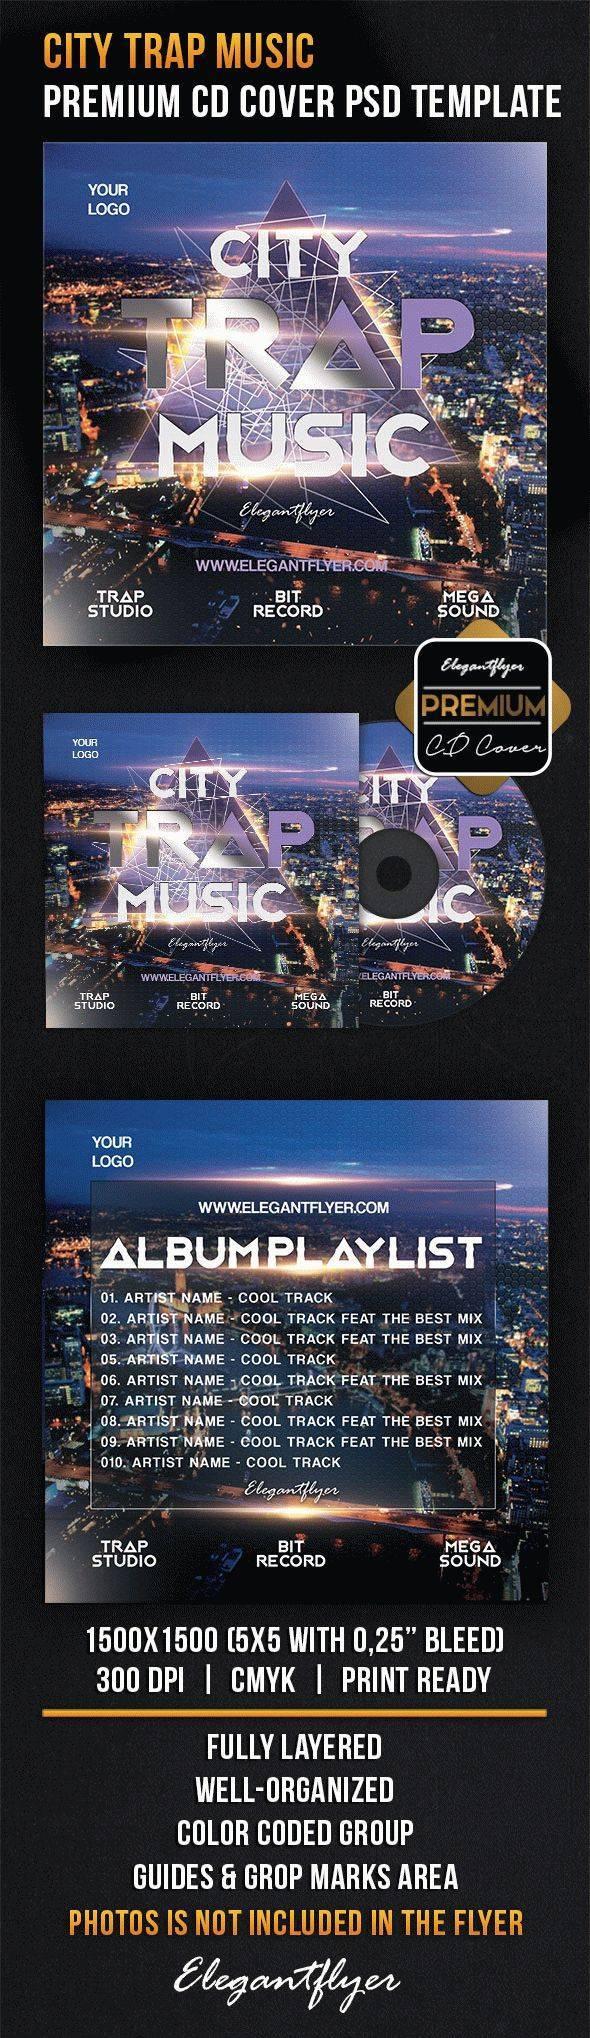 优质音乐CD包装设计psd分层素材